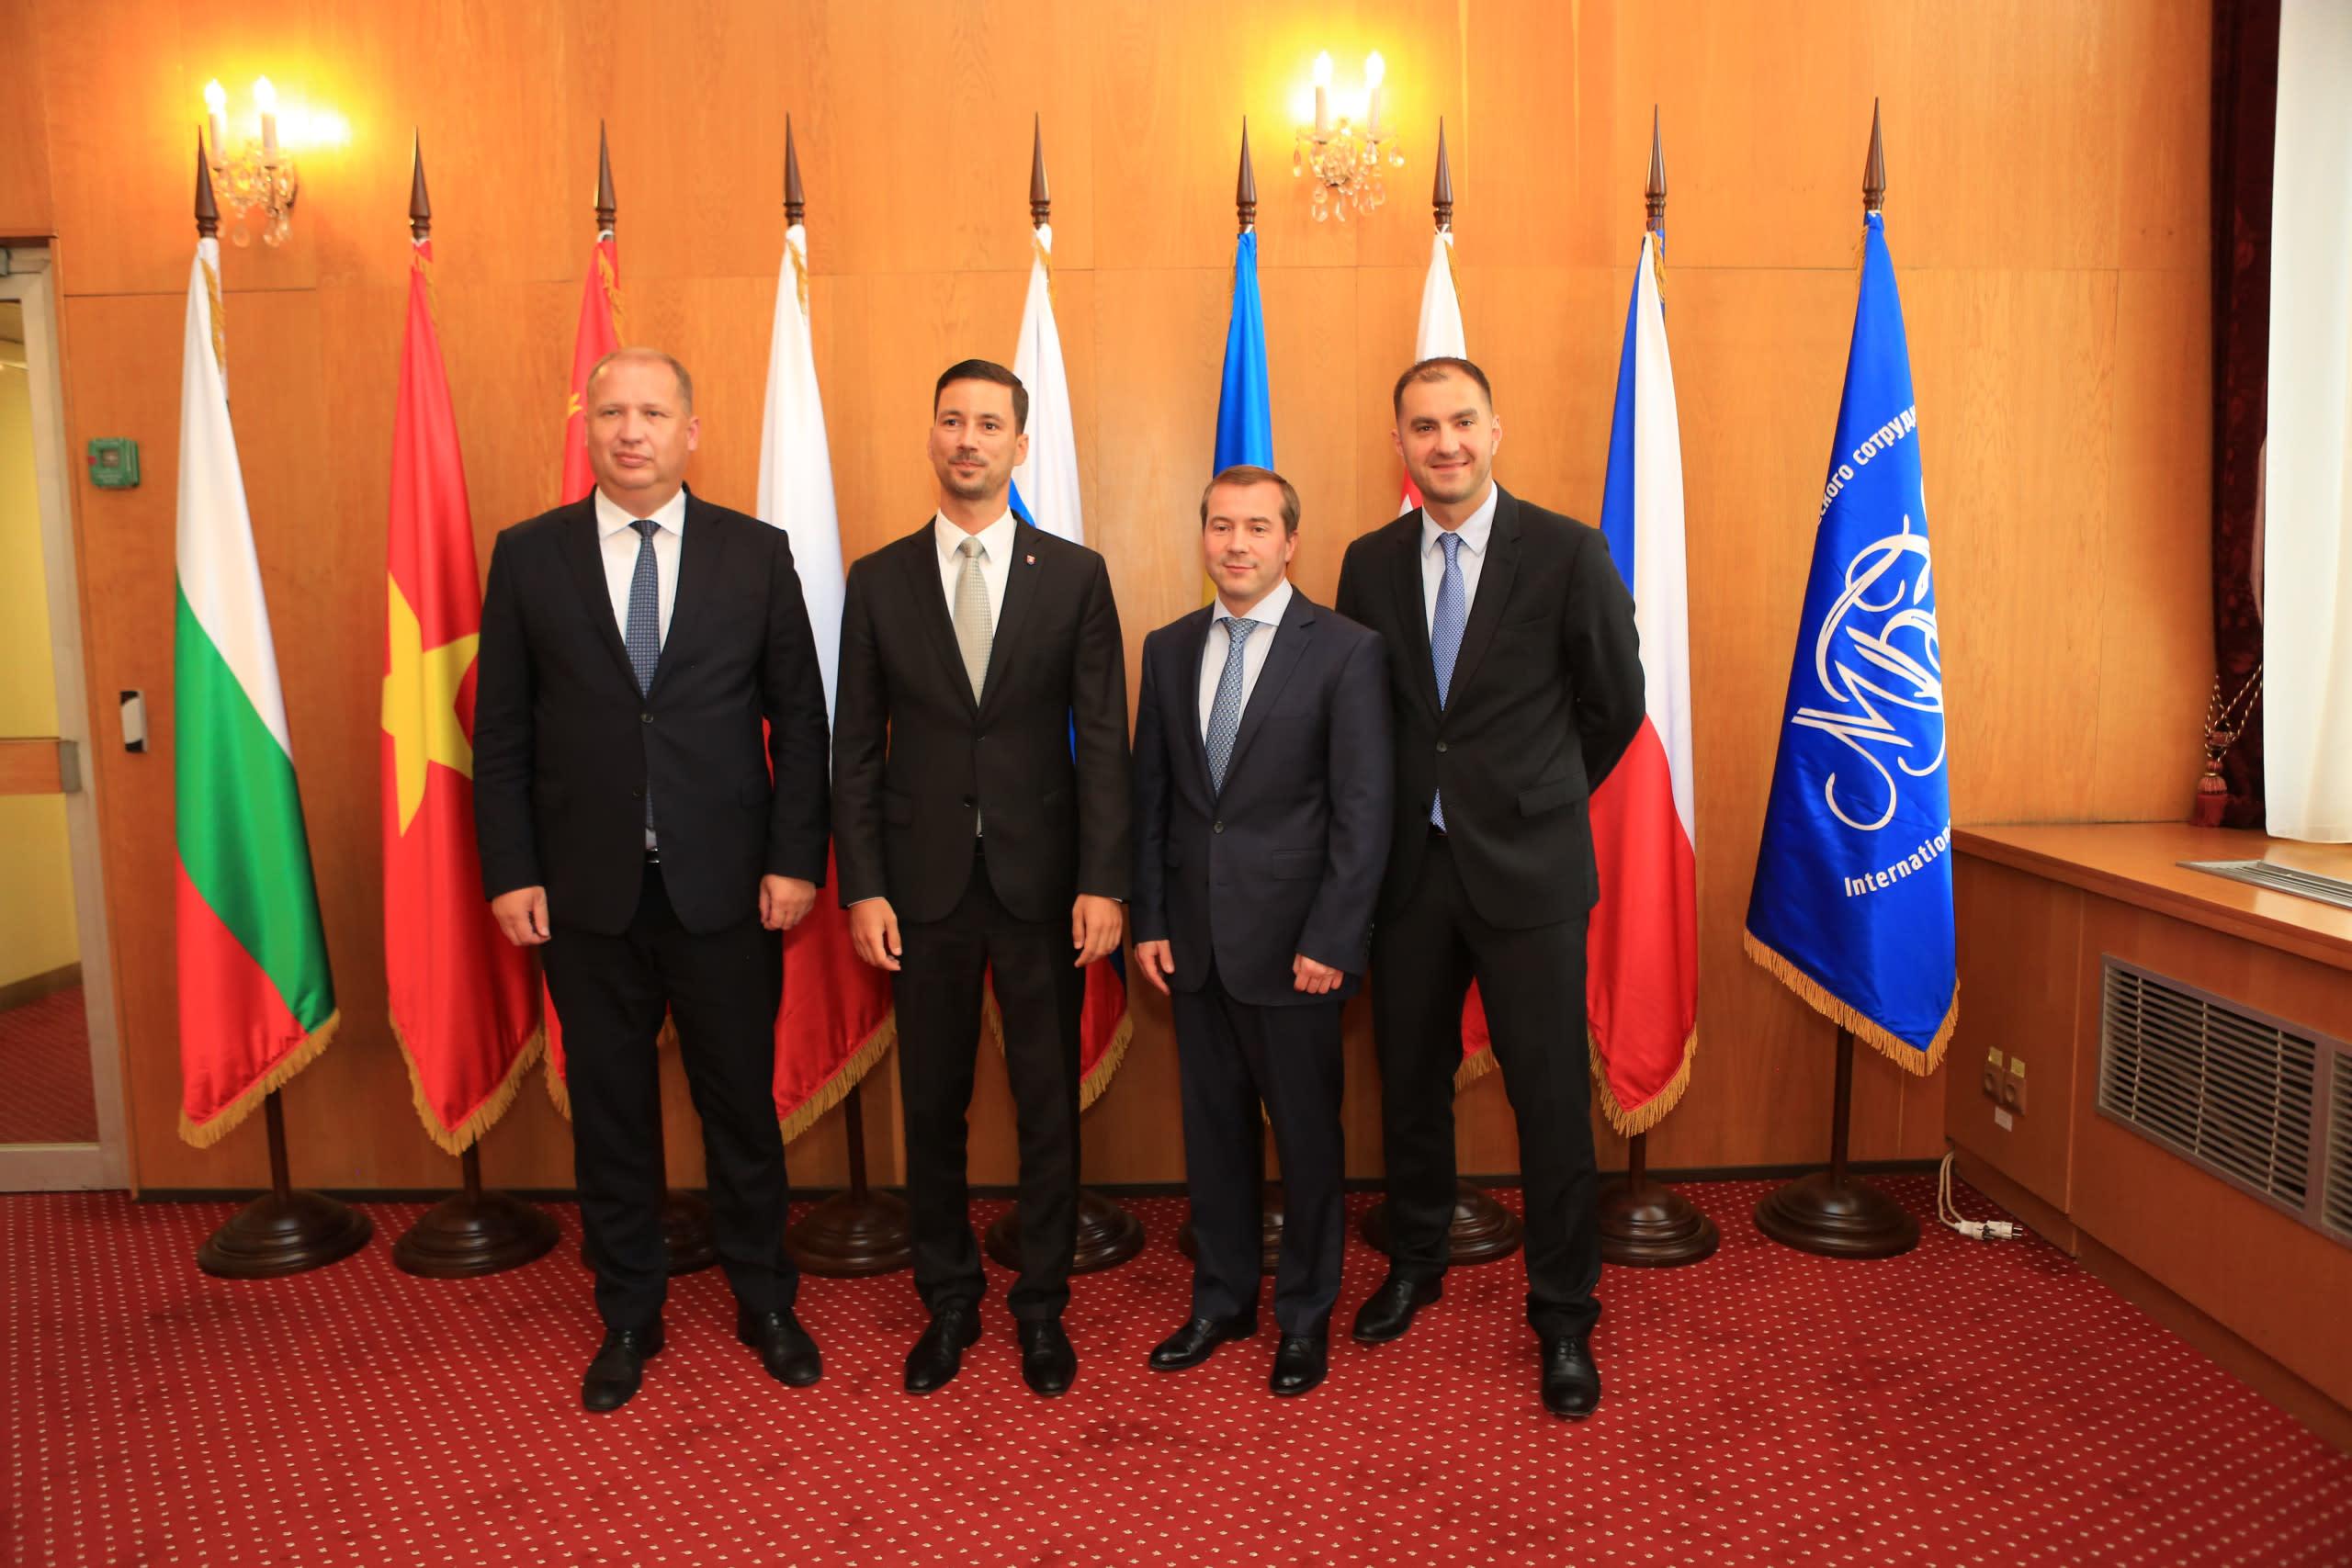 Словацкая Республика передала Российской Федерации Ратификационные Грамоты новых учредительных документов Международного инвестиционного банка и Международного банка экономического сотрудничества.